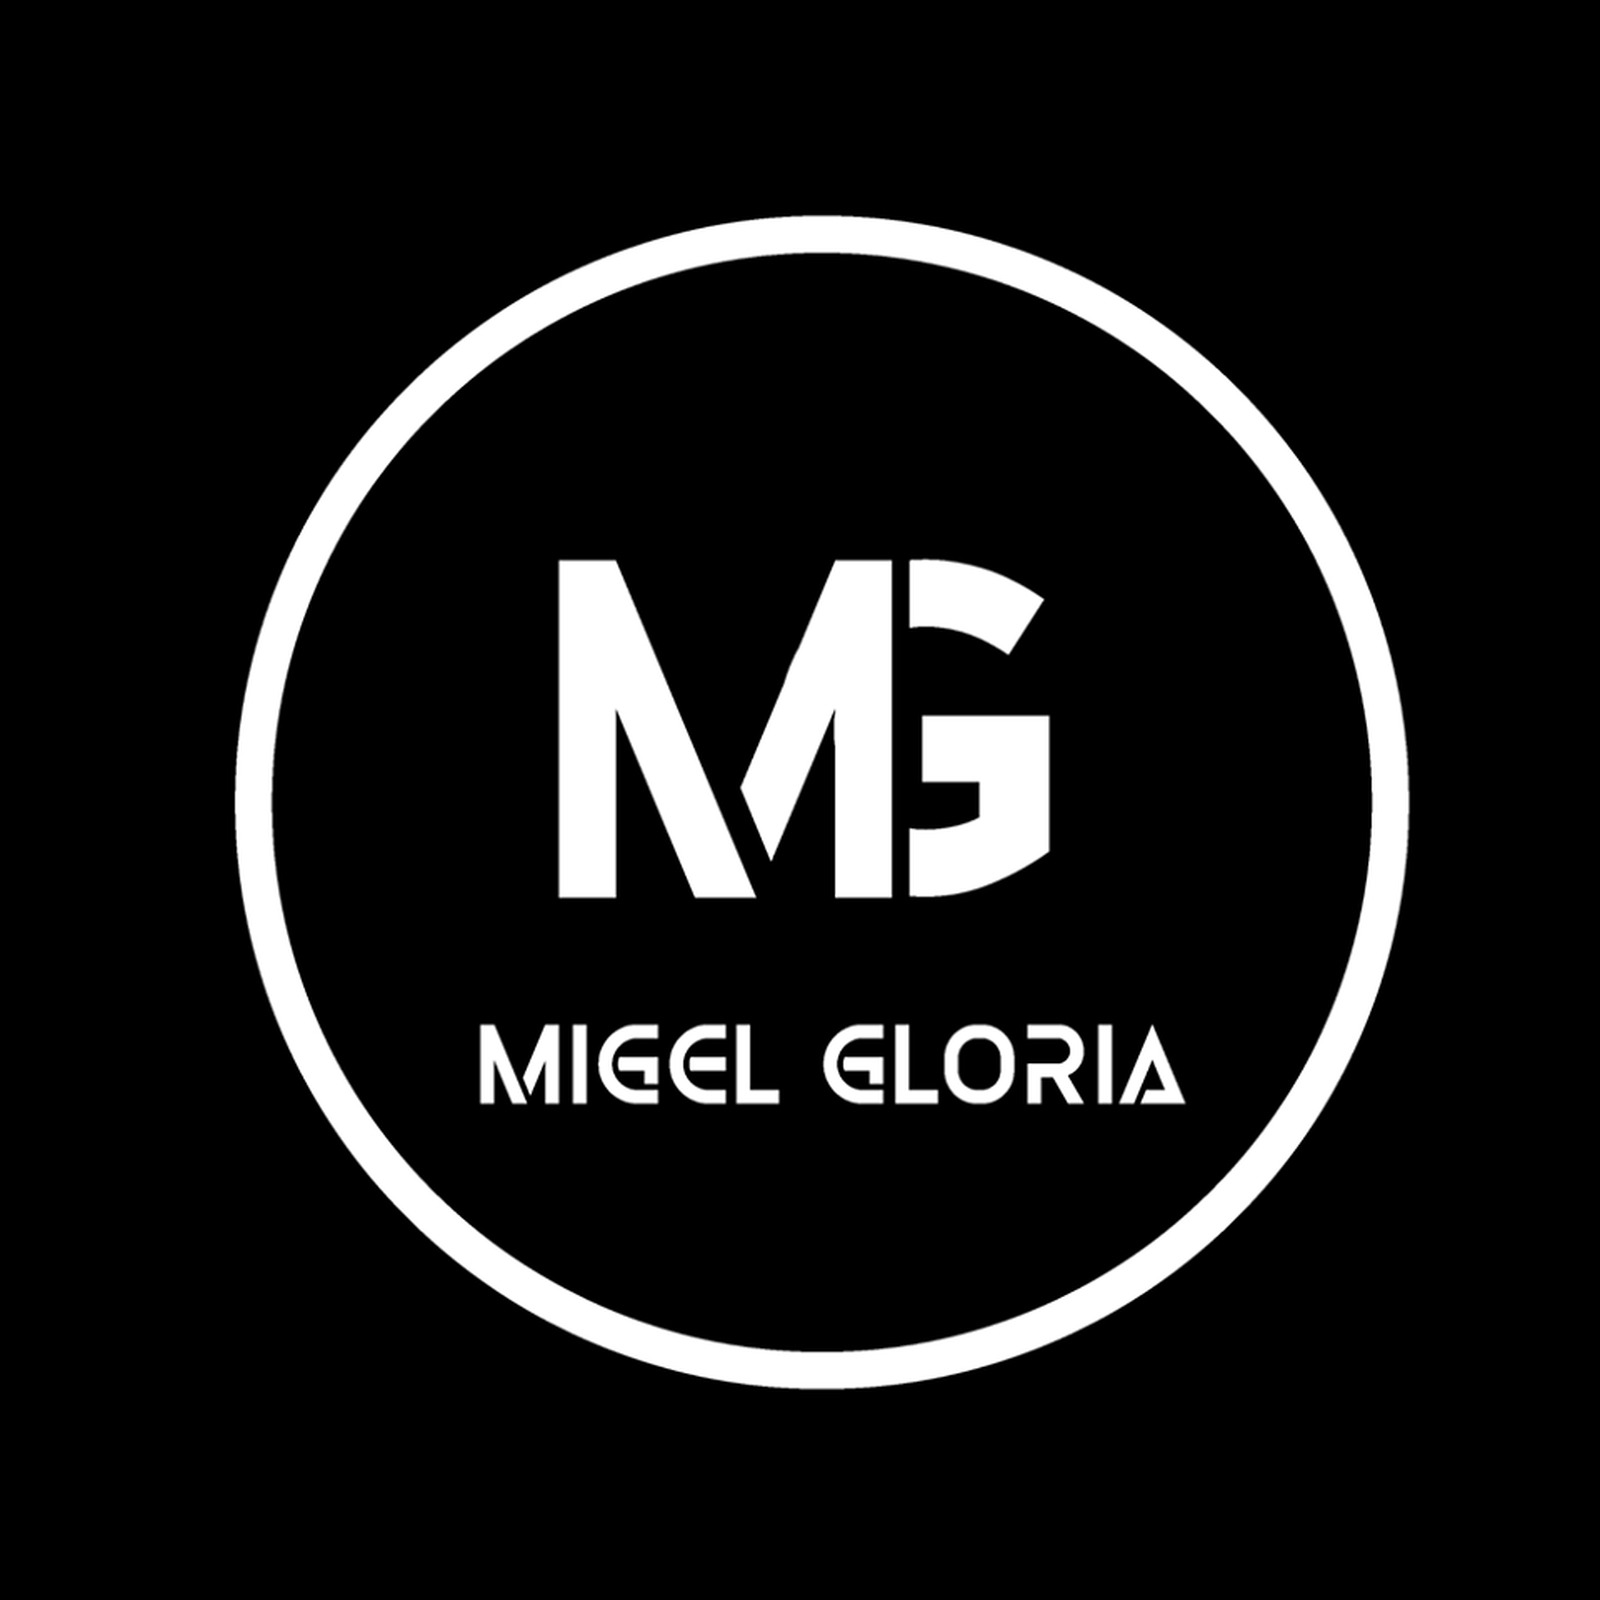 @MigelGloria Profile Image | Linktree